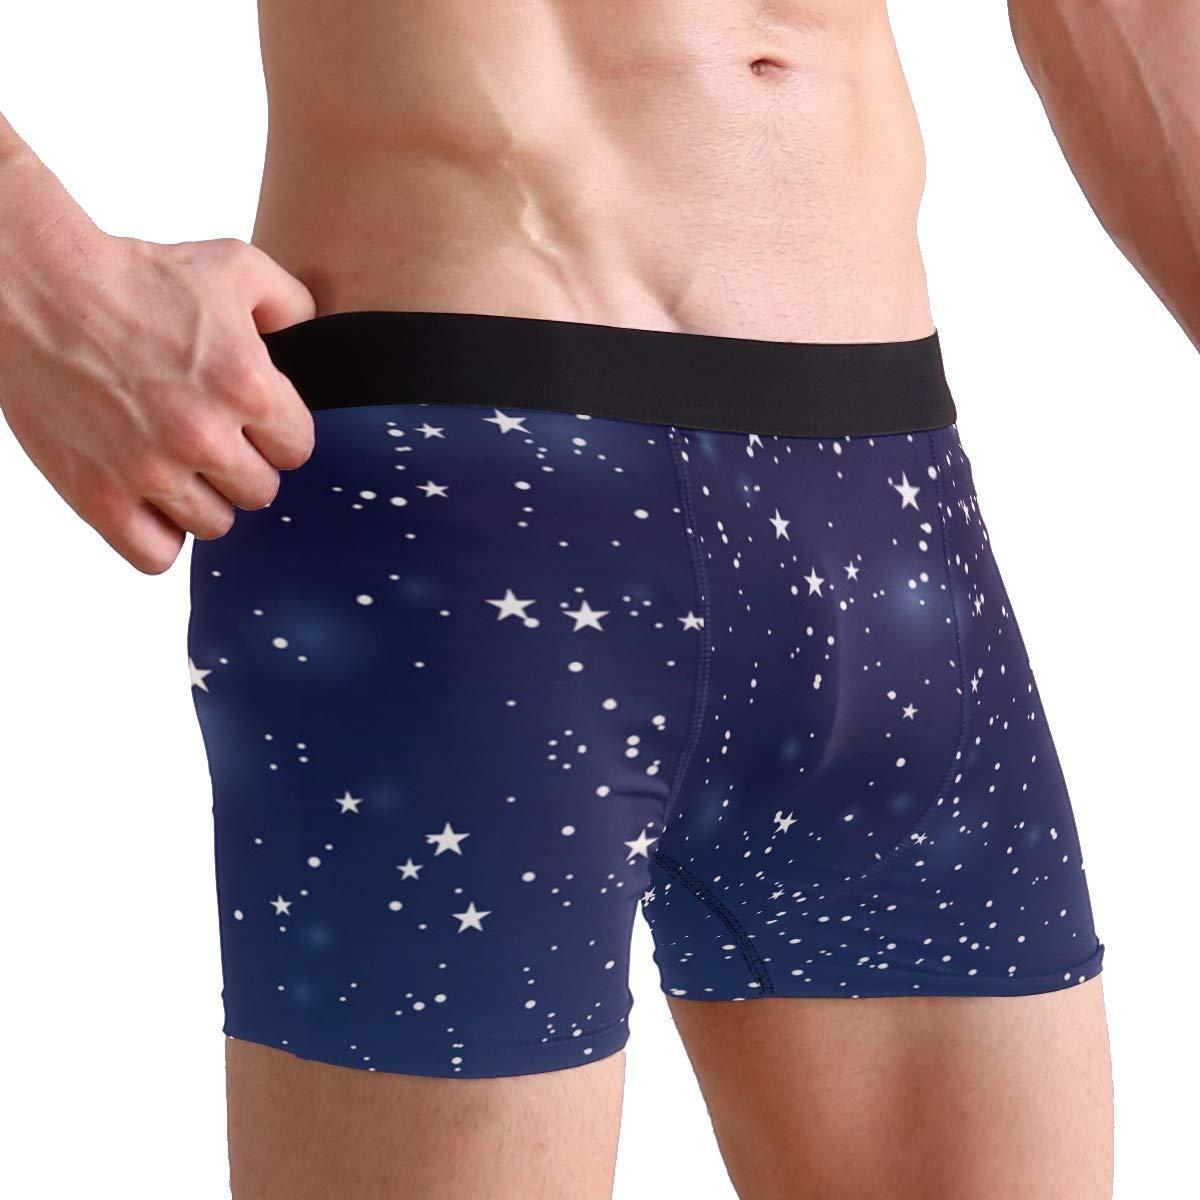 The Vast Starry Universe Mens Underwear Mens Bag Soft Cotton Underwear 2 Pack